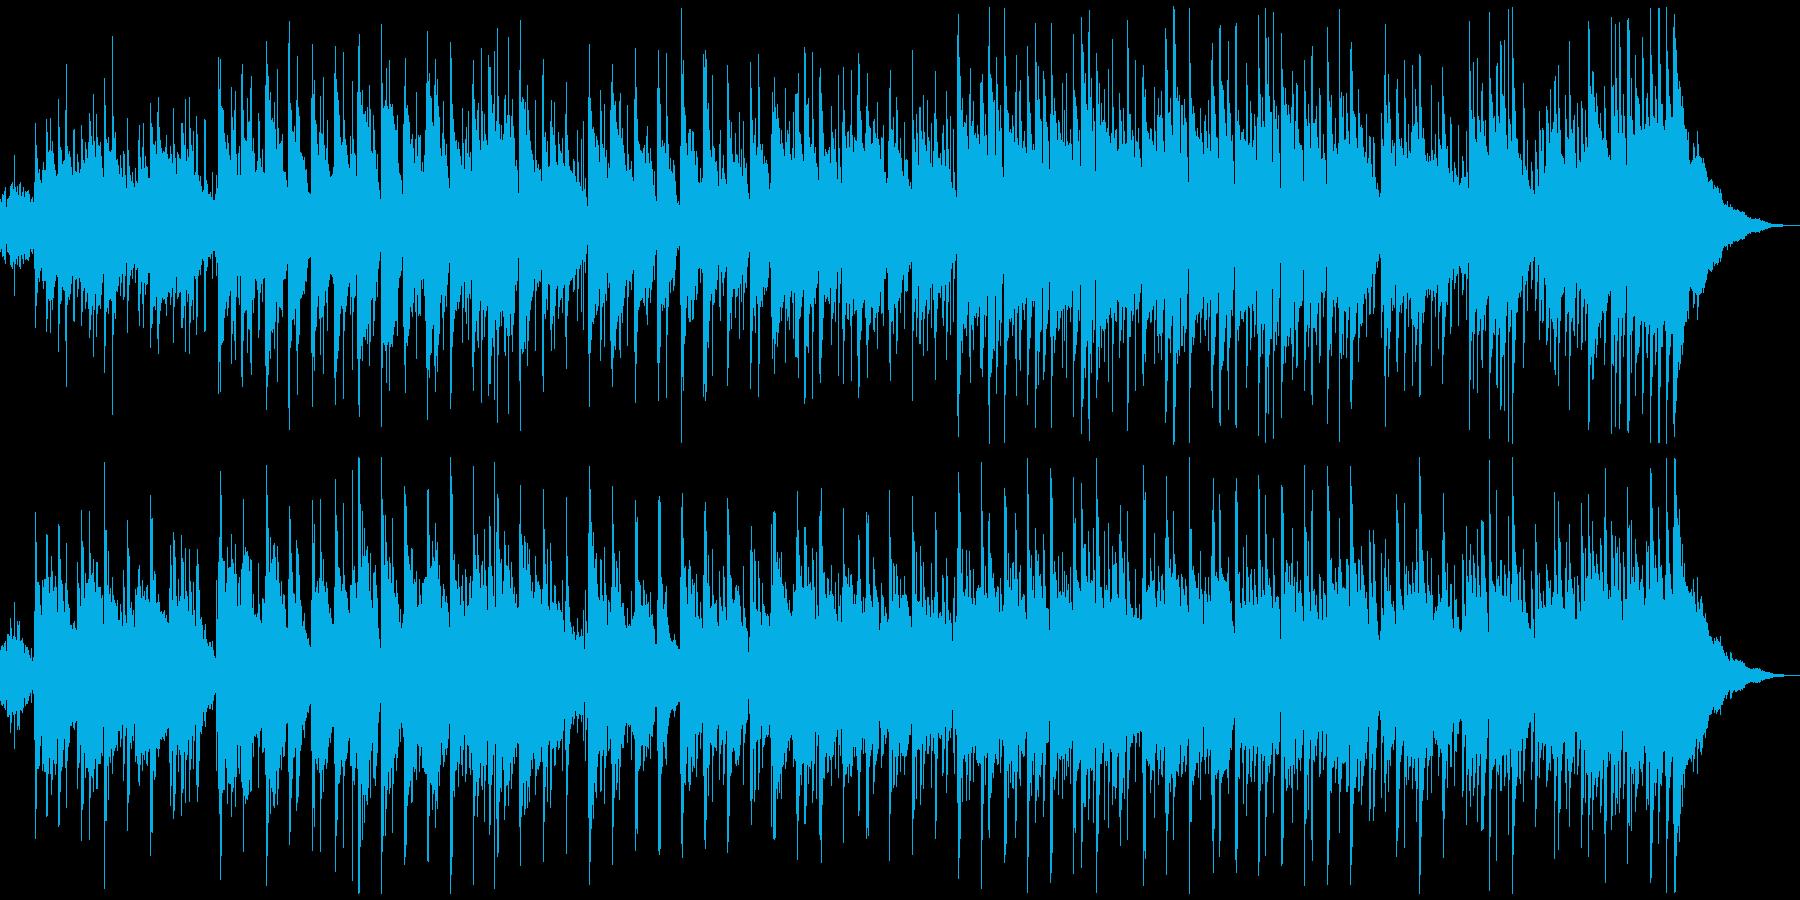 アコースティックなギターサウンドの再生済みの波形